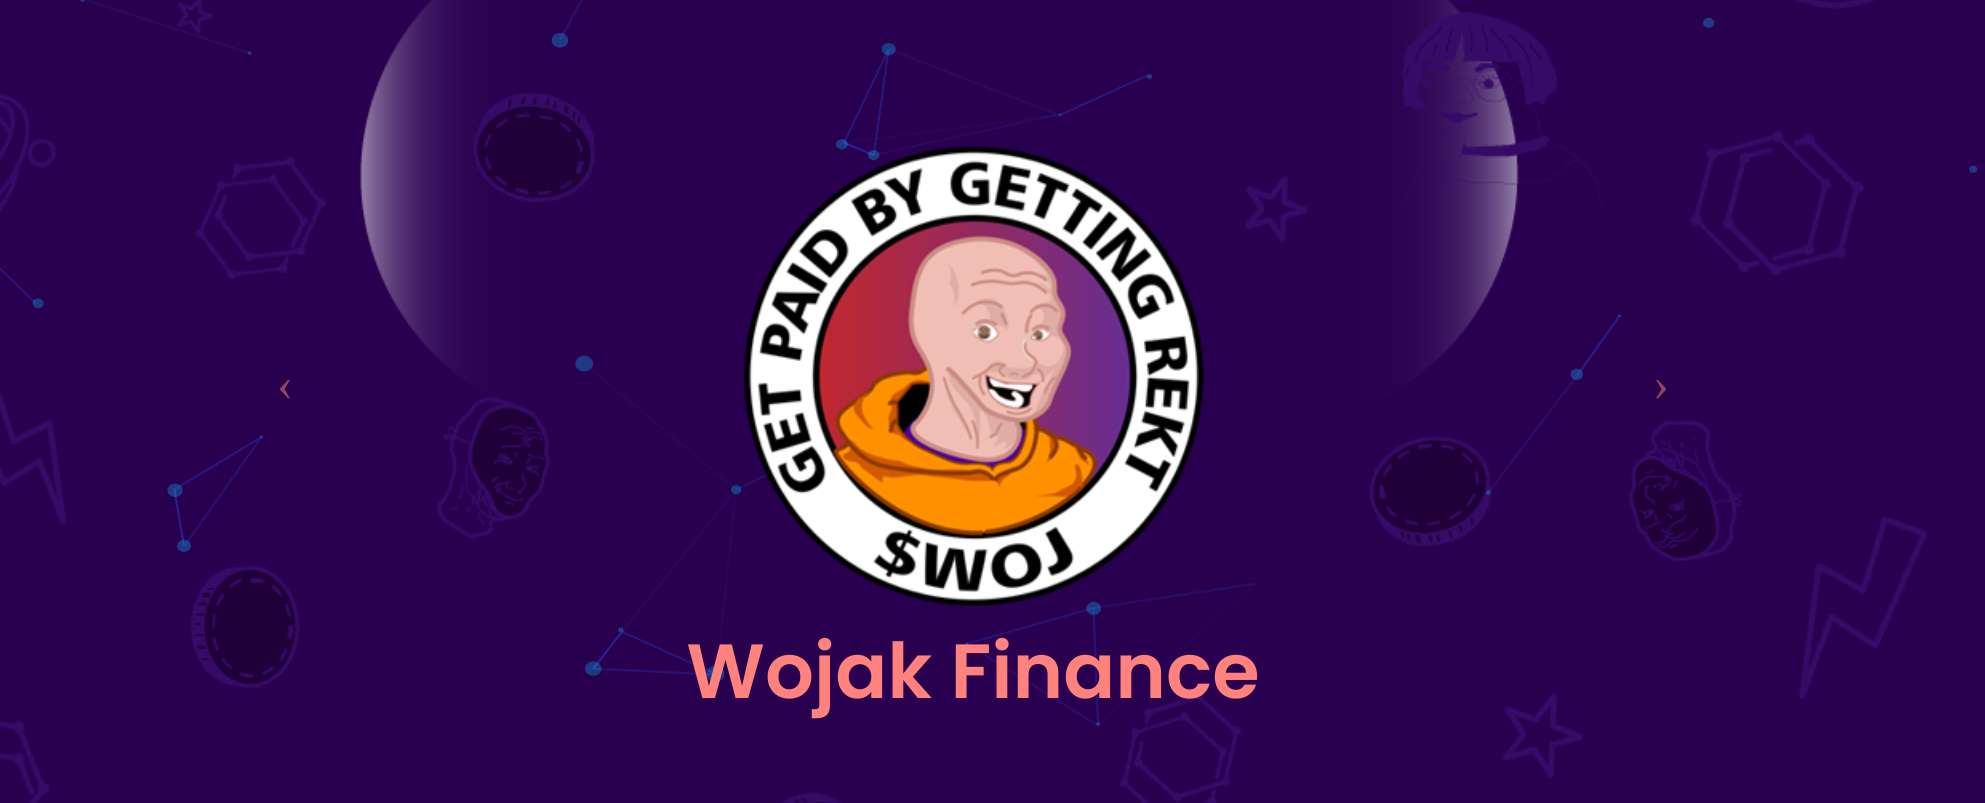 Wojak Finance